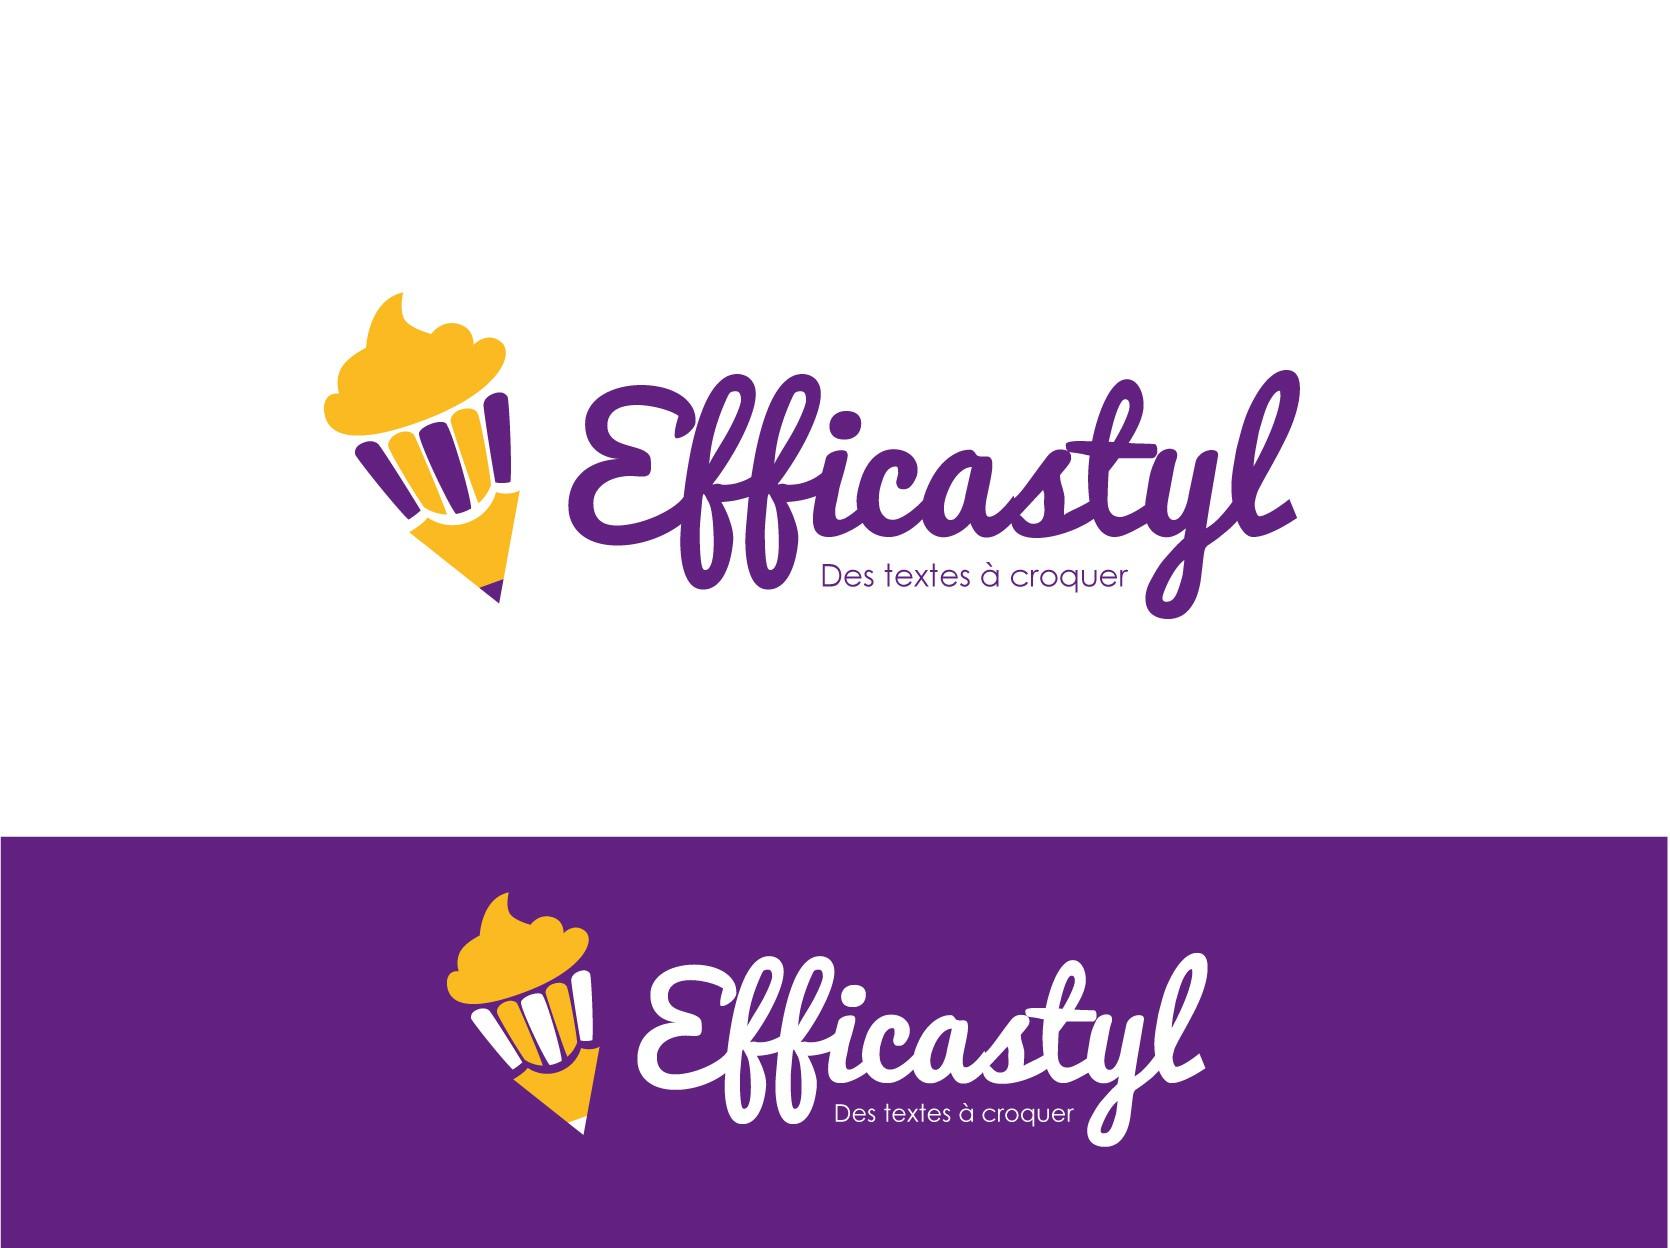 Création d'un logo pour une entreprise de rédaction gourmande !